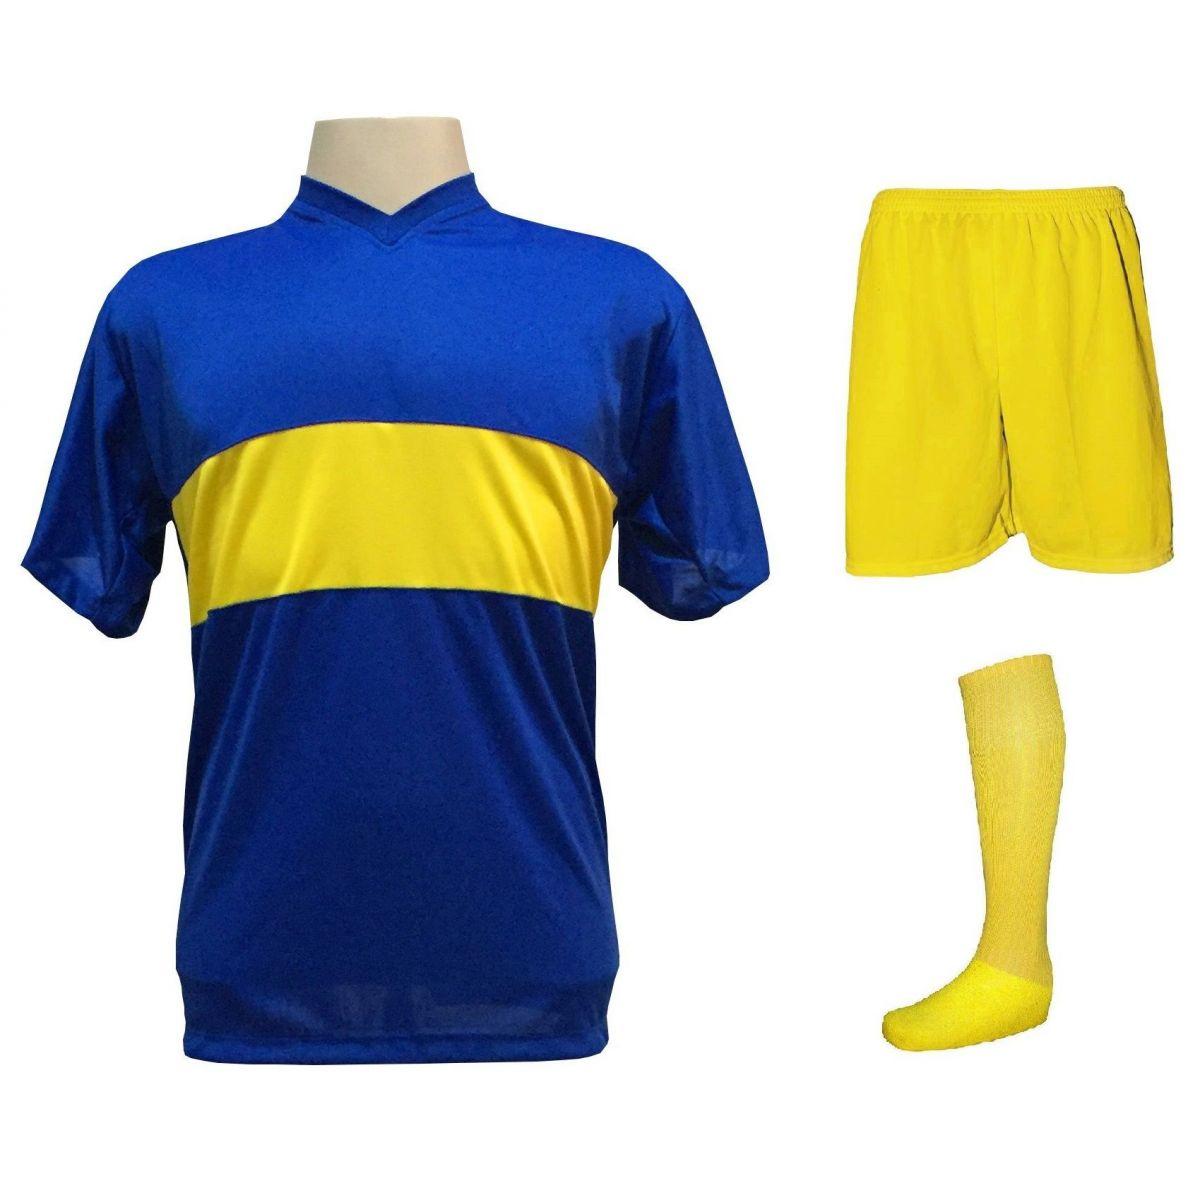 Uniforme Esportivo Completo modelo Boca Juniors 14+1 (14 camisas Royal/Amarelo + 14 calções Madrid Amarelo + 14 pares de meiões Amarelos + 1 conjunto de goleiro) + Brindes